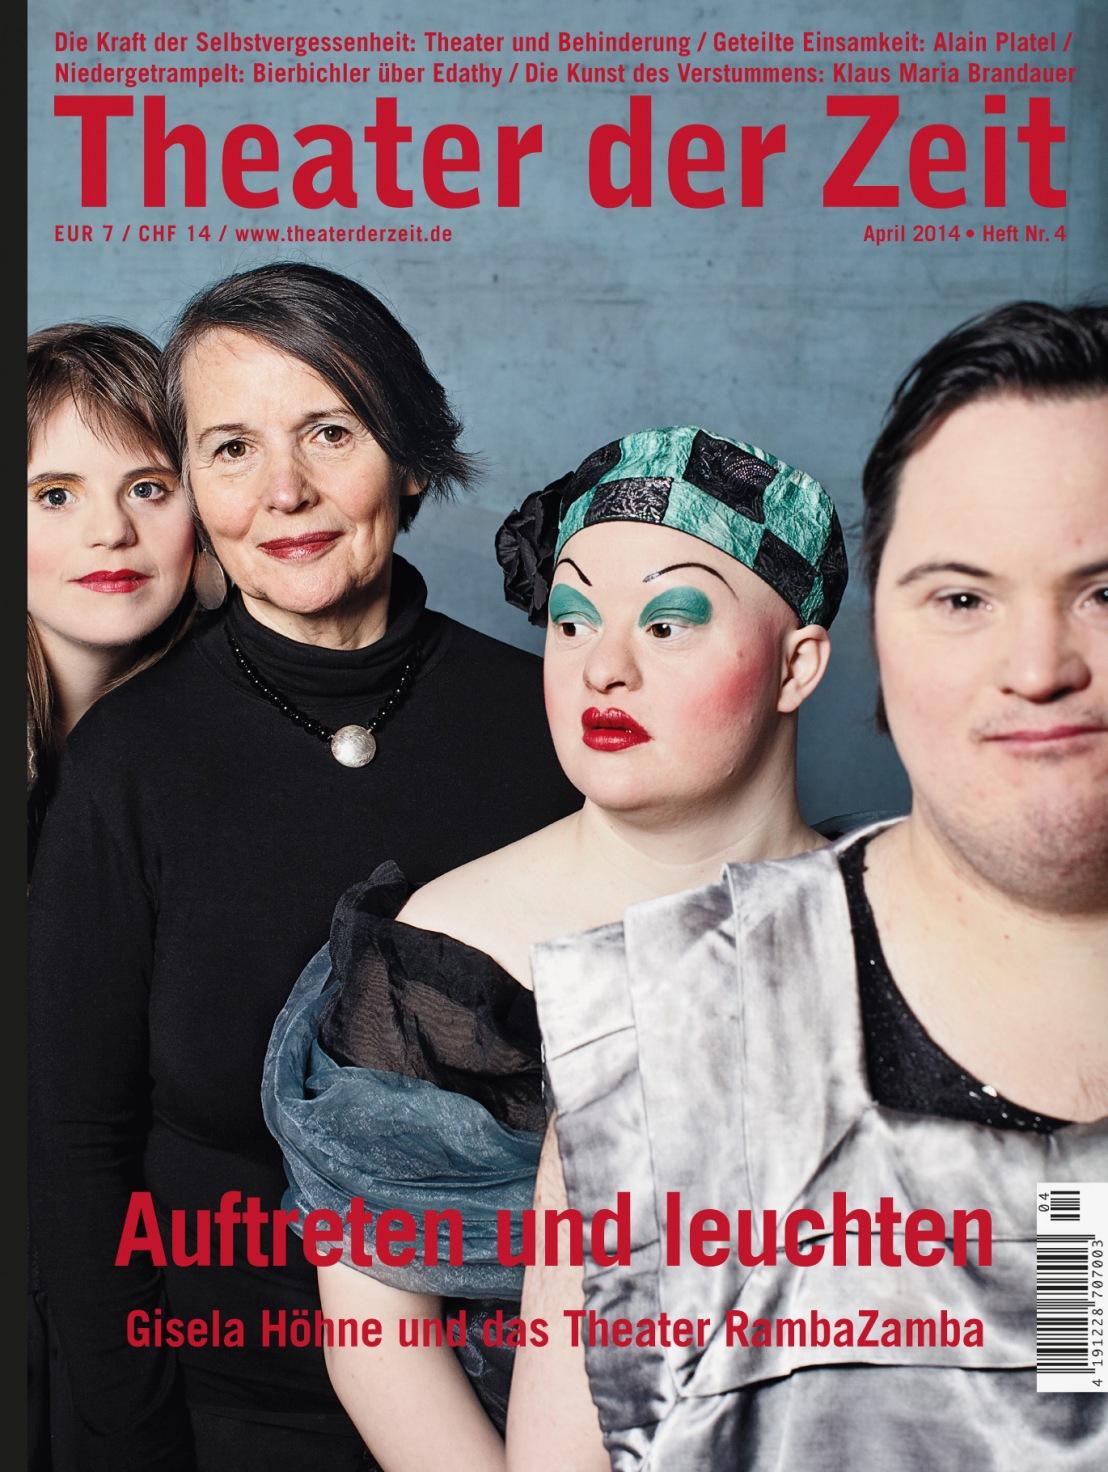 Theater der Zeit 4/2014